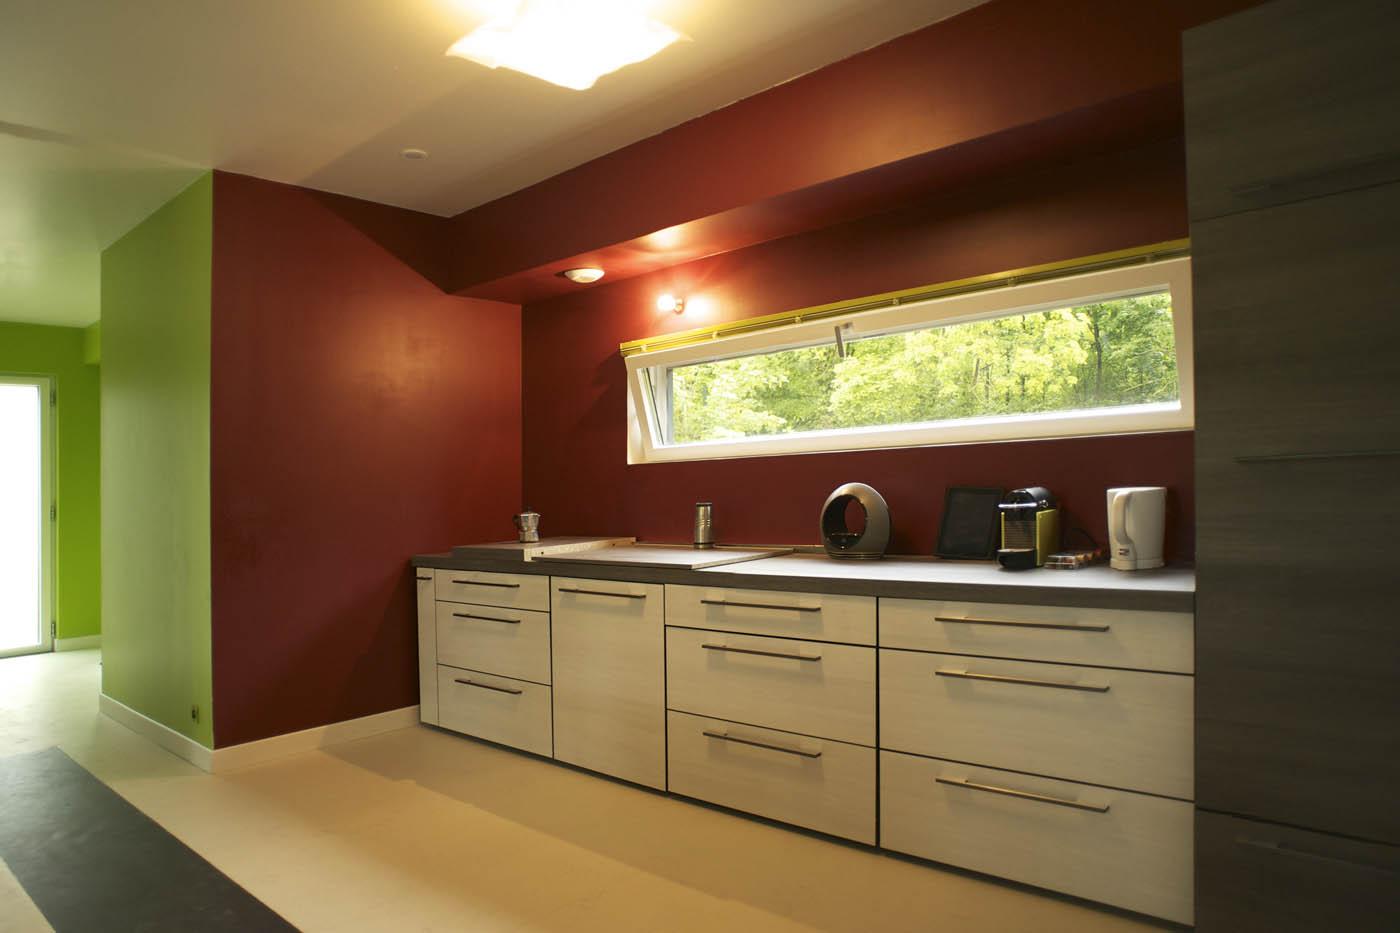 Maison bois nergie positive vermont par ecoxia la for Constructeur maison positive